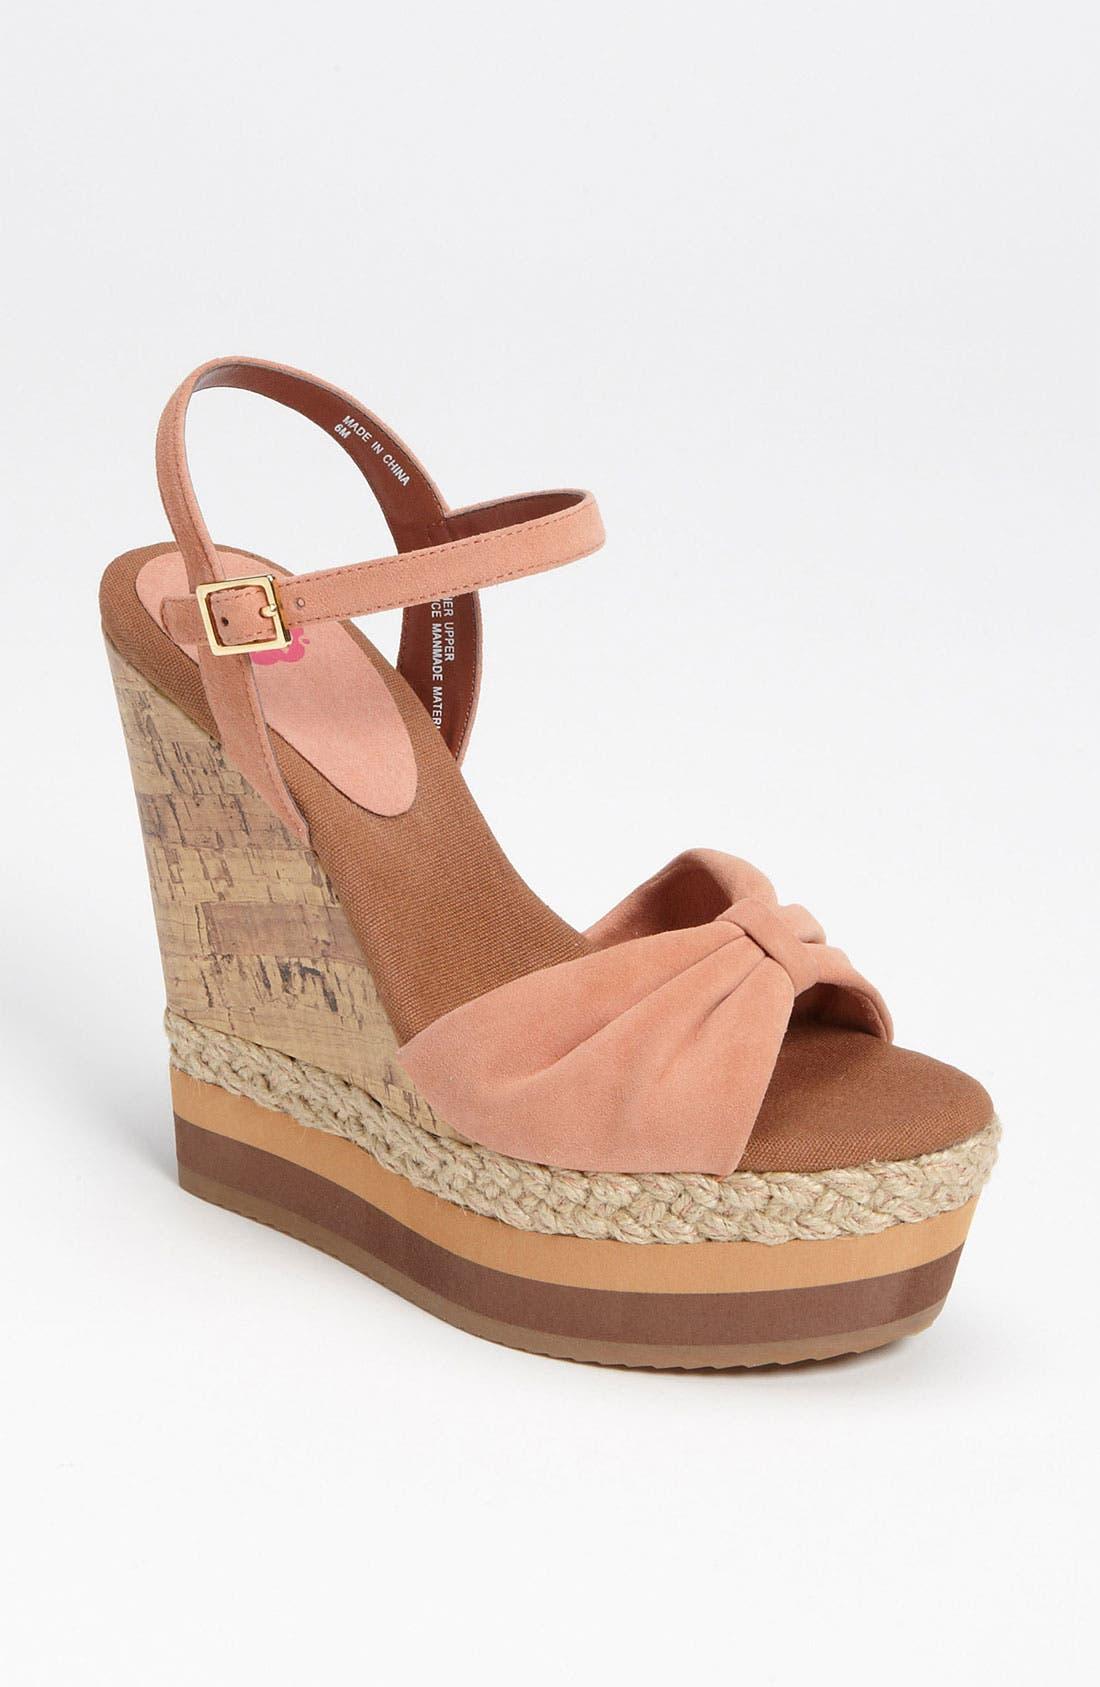 Main Image - BP 'Calypso' Wedge Sandal